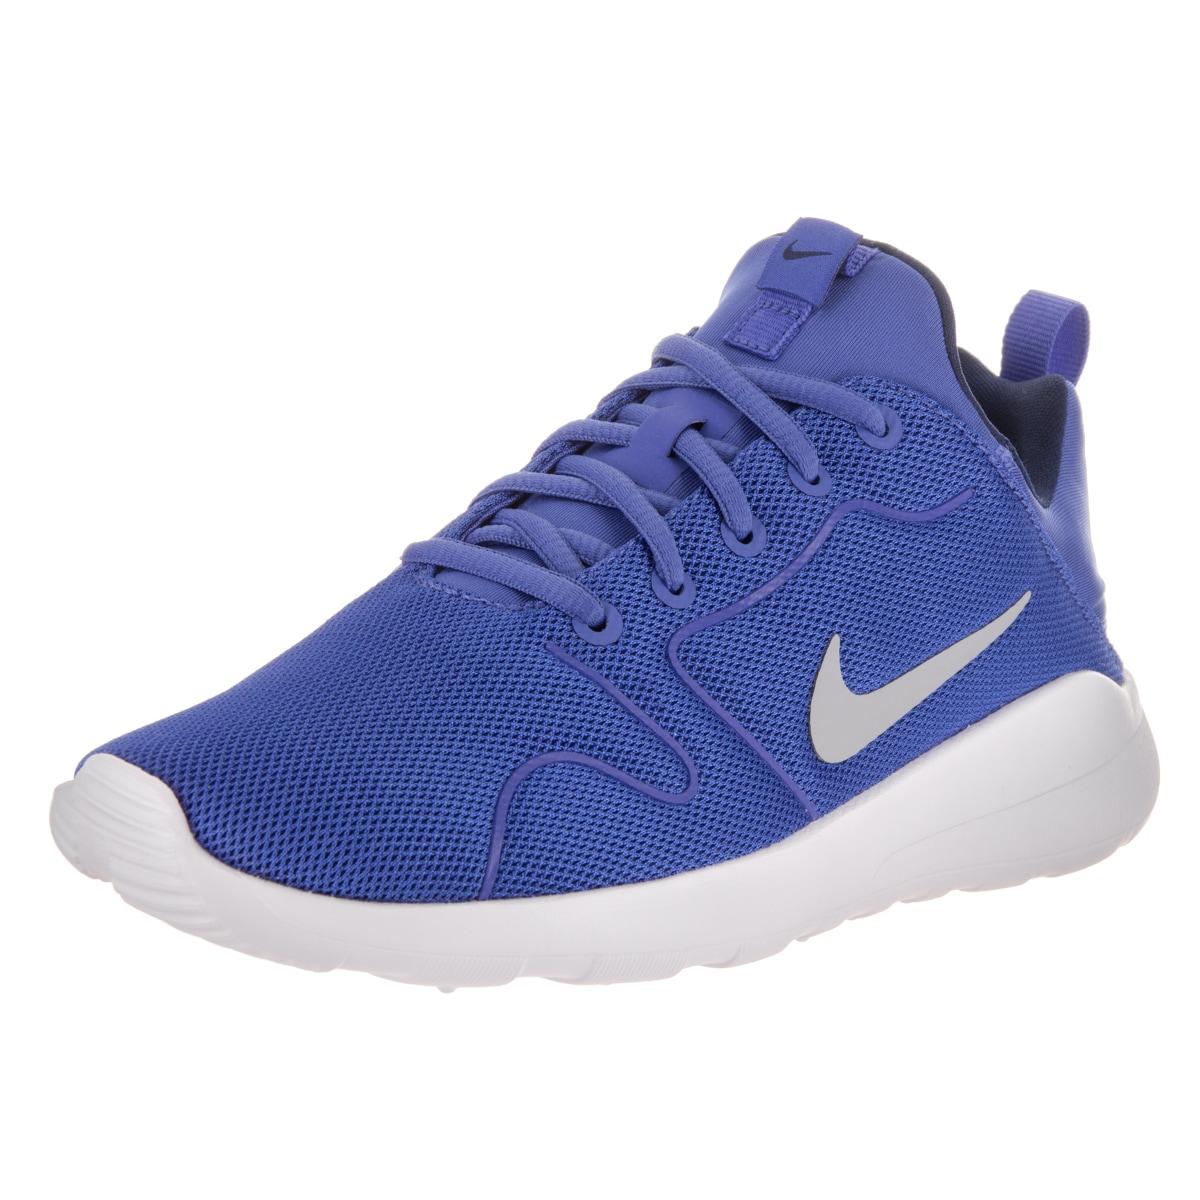 Nike Kids' Kaishi 2.0 GS Blue Running Shoes (7), Boy's